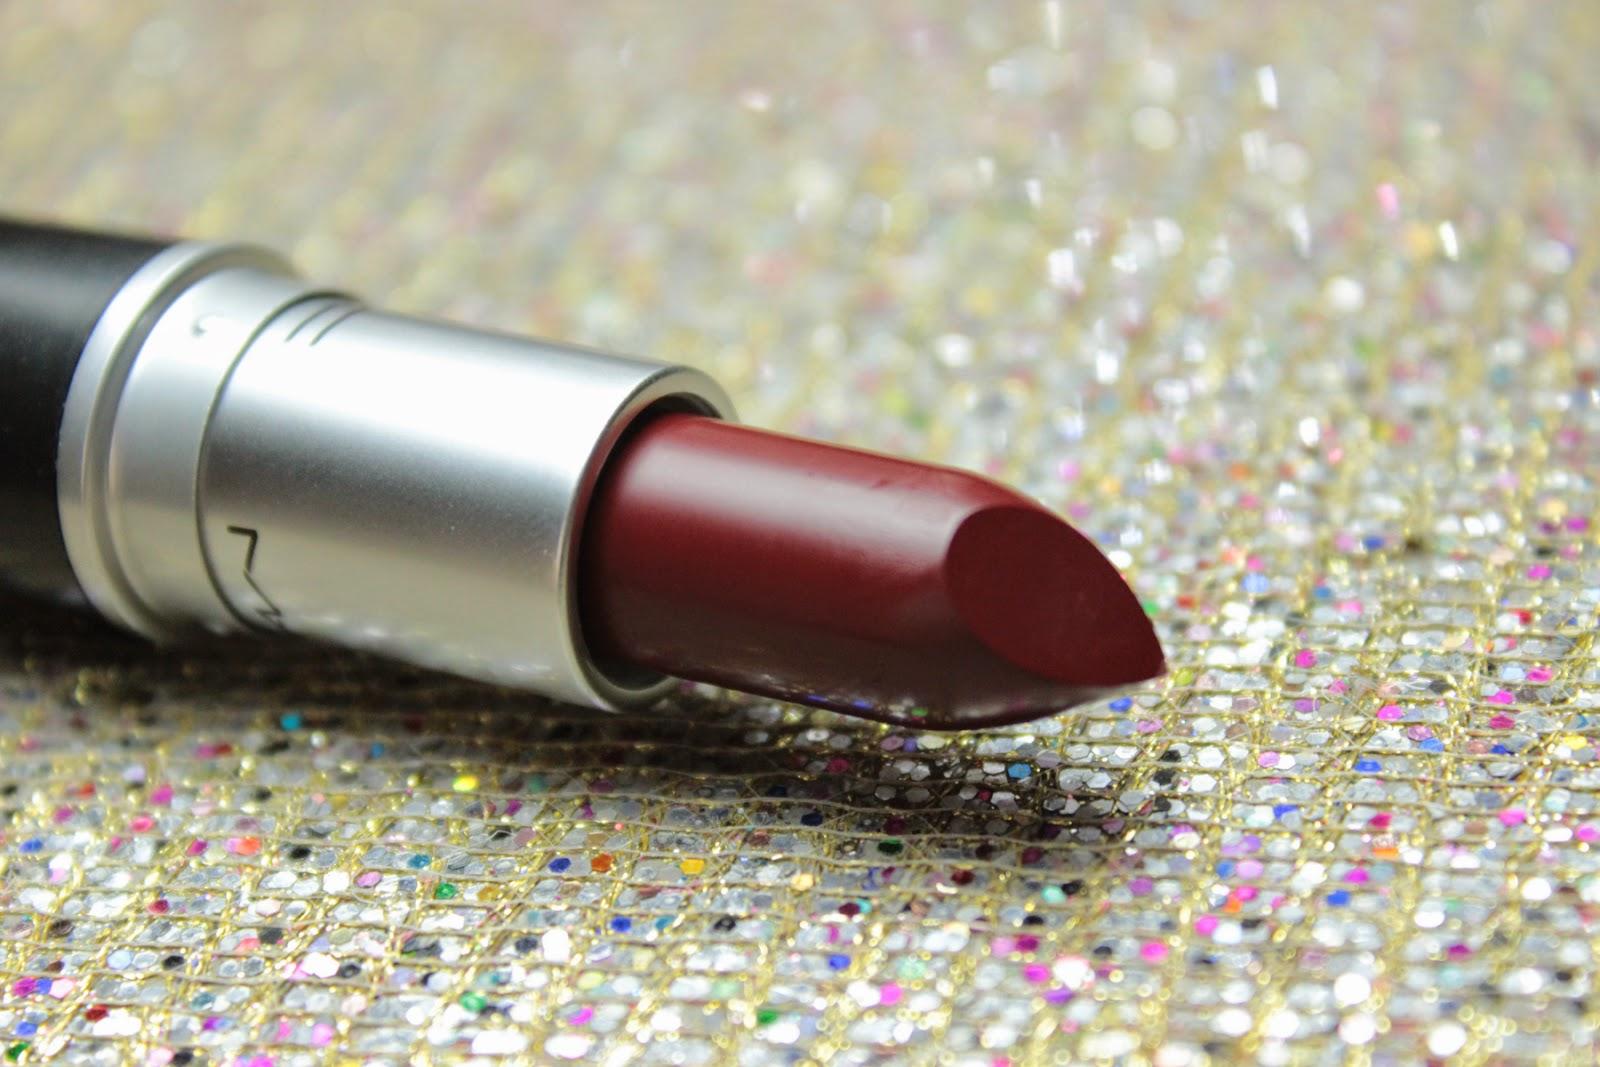 mac, sin, batom escuro, matte, seco, coleção, outono, inverno, fechado, lipstick, dark clips, bold lips, collection, coleção, fashion mimi, nyc